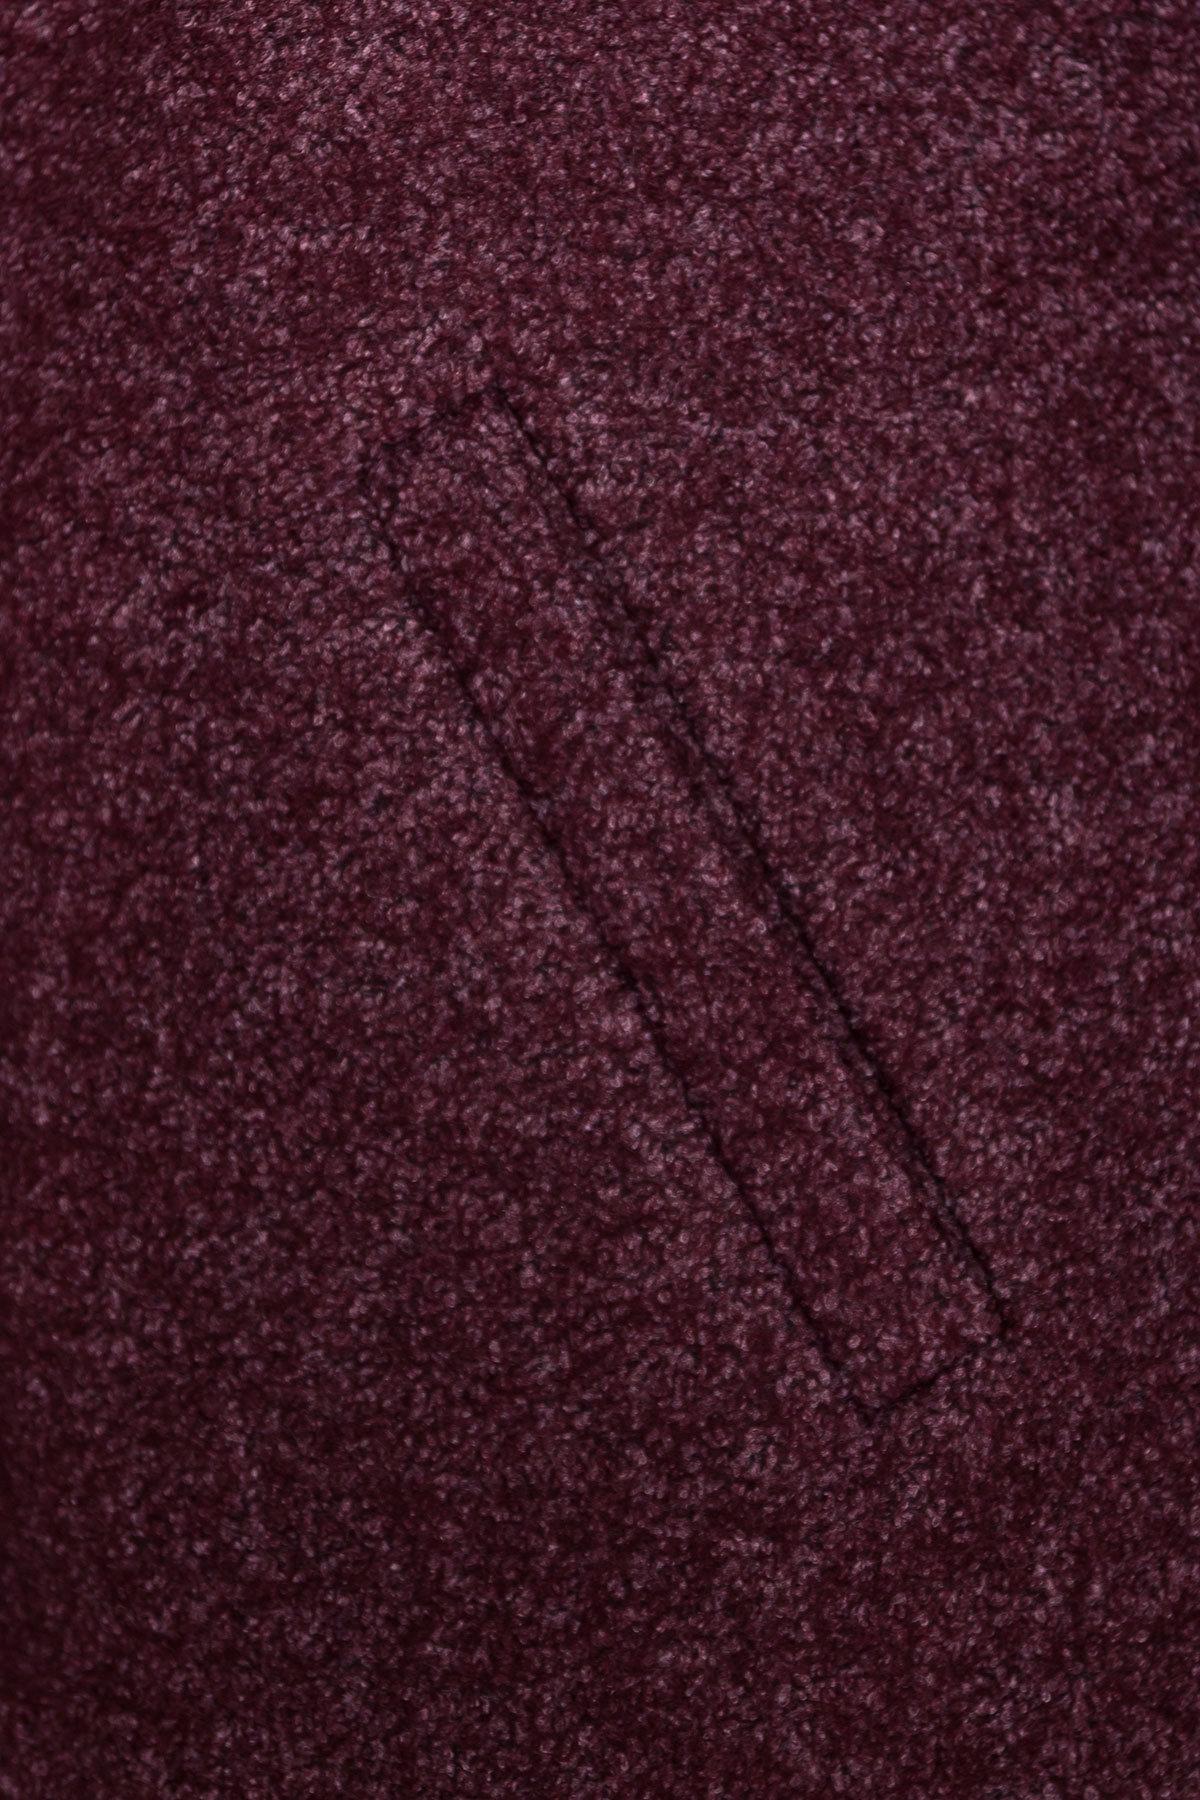 Пальто Фортуна 1622  АРТ. 16643 Цвет: Марсала - фото 5, интернет магазин tm-modus.ru